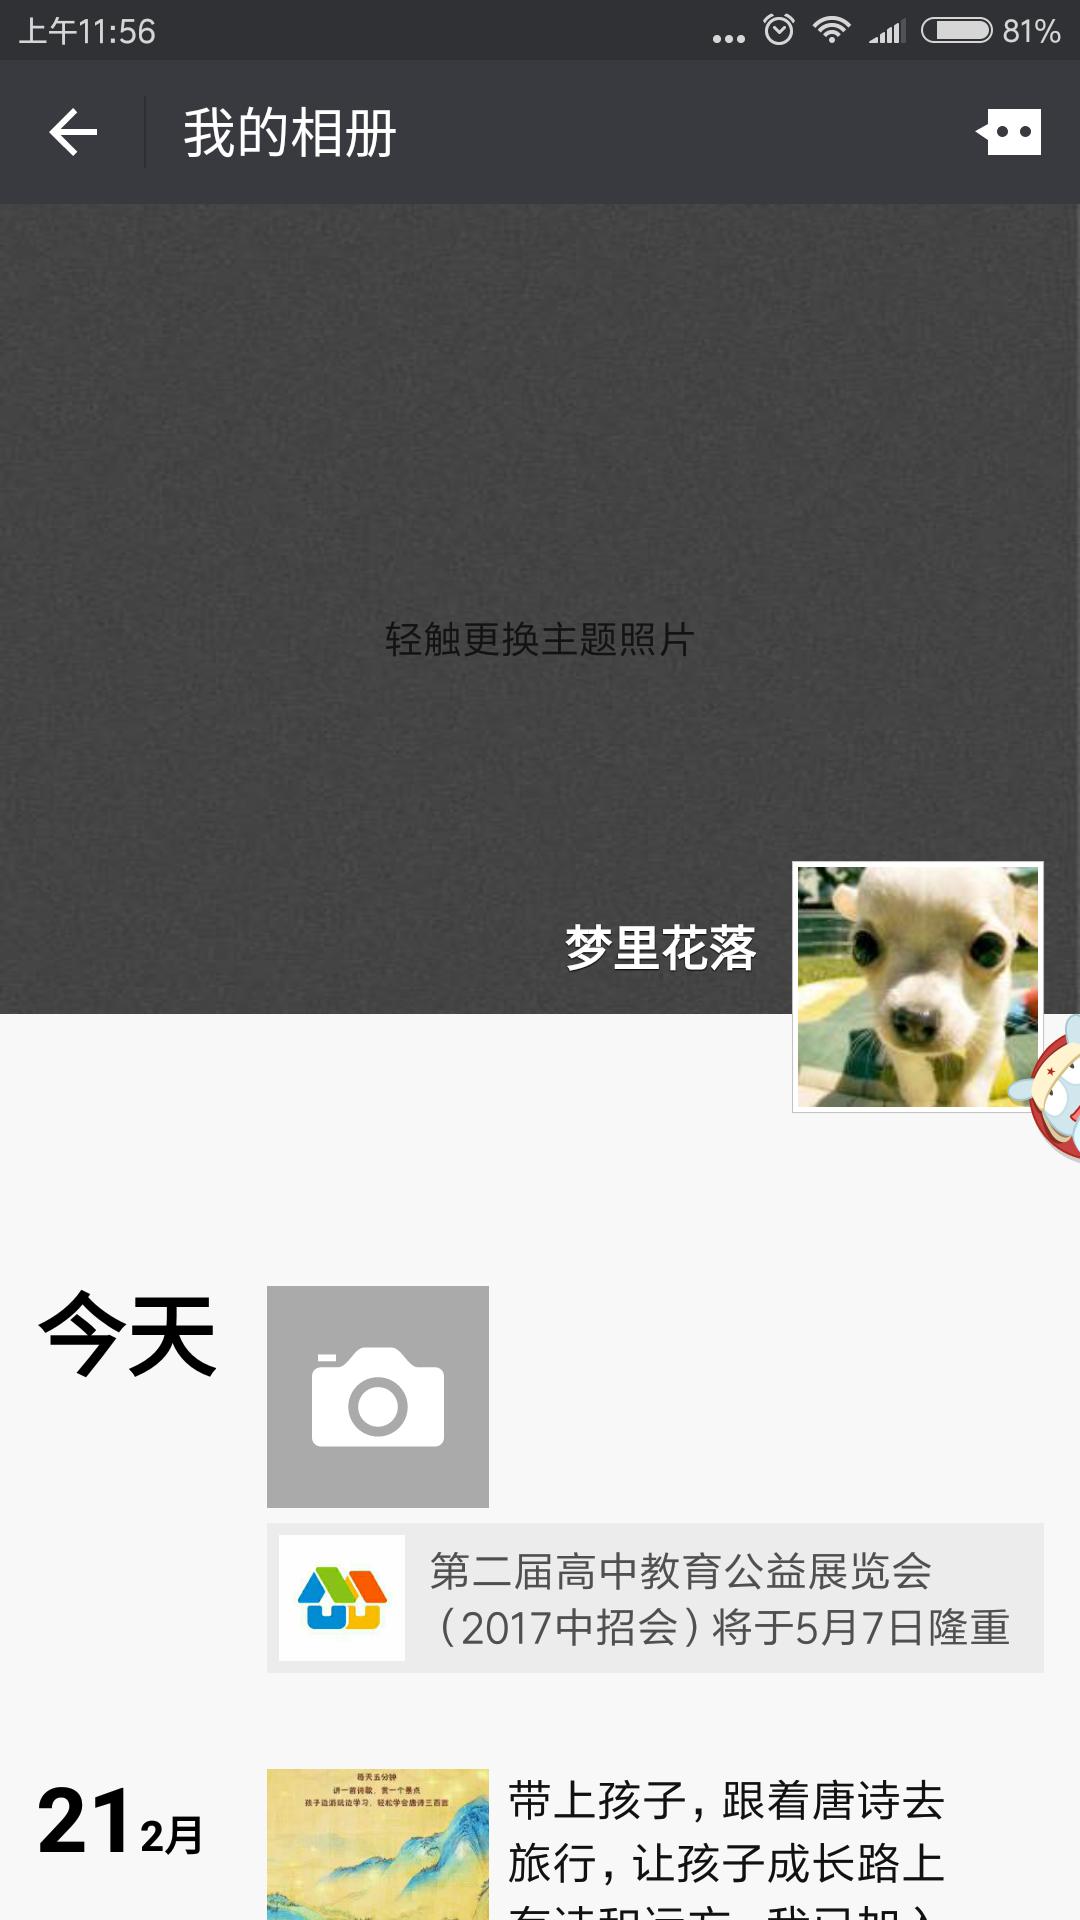 Screenshot_2017-03-22-11-56-19-947_com.tencent.mm.png